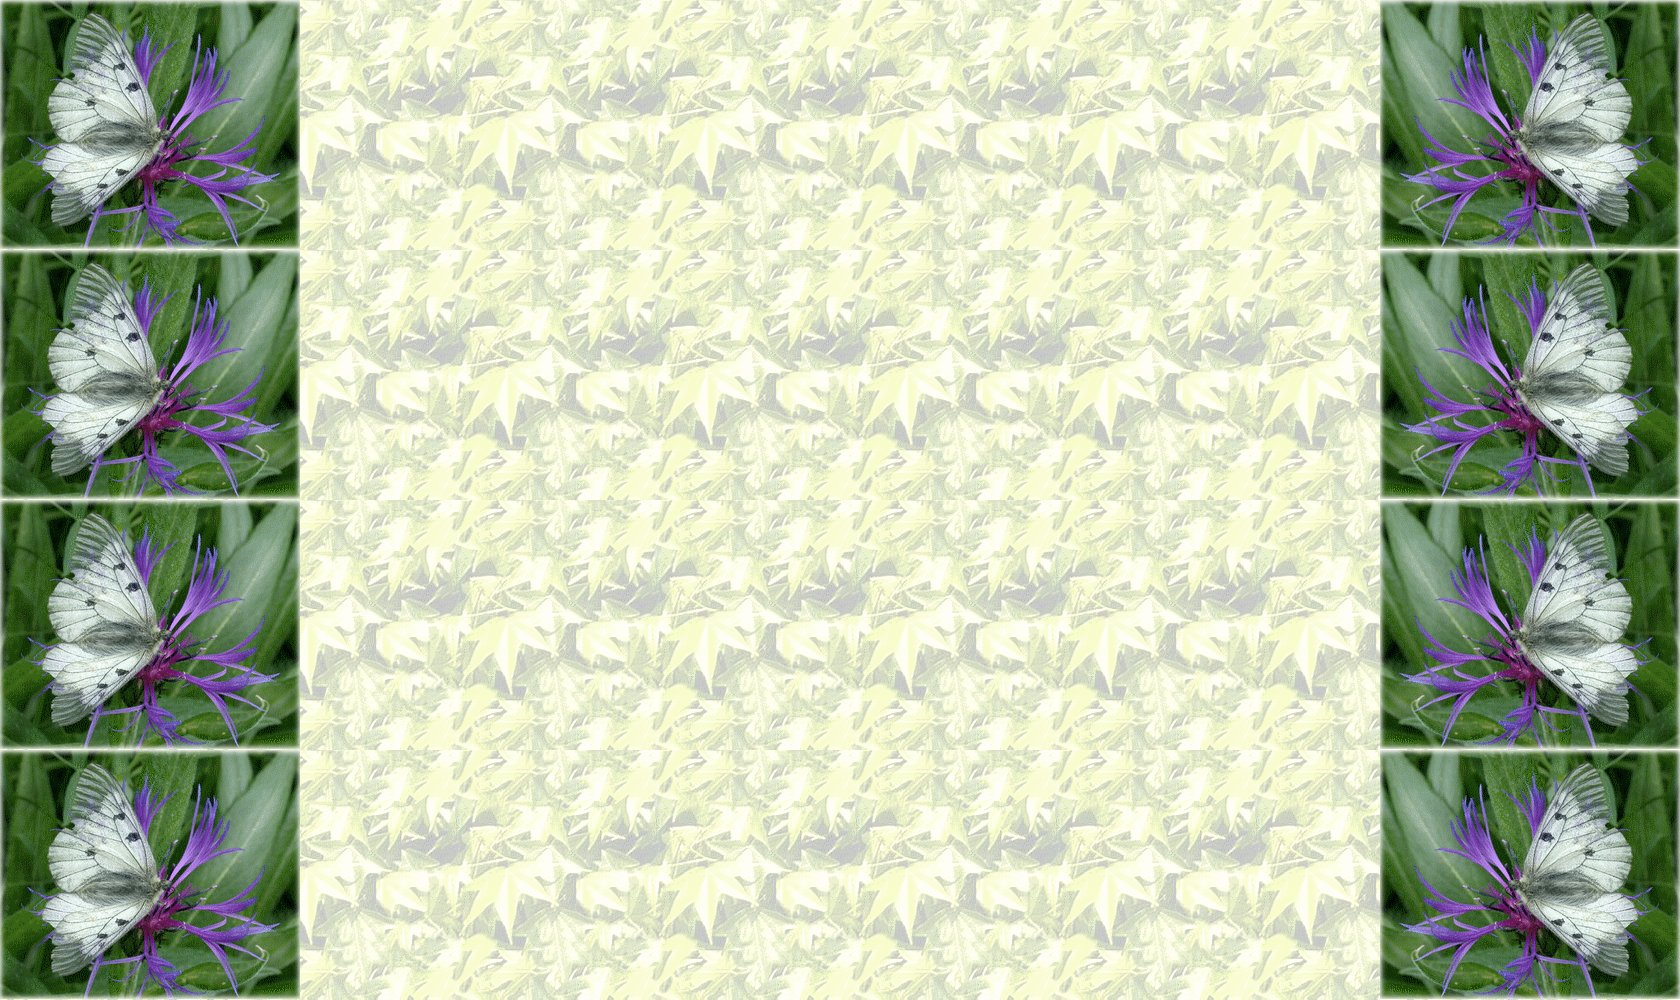 fond-feuille-1680-1000.jpg